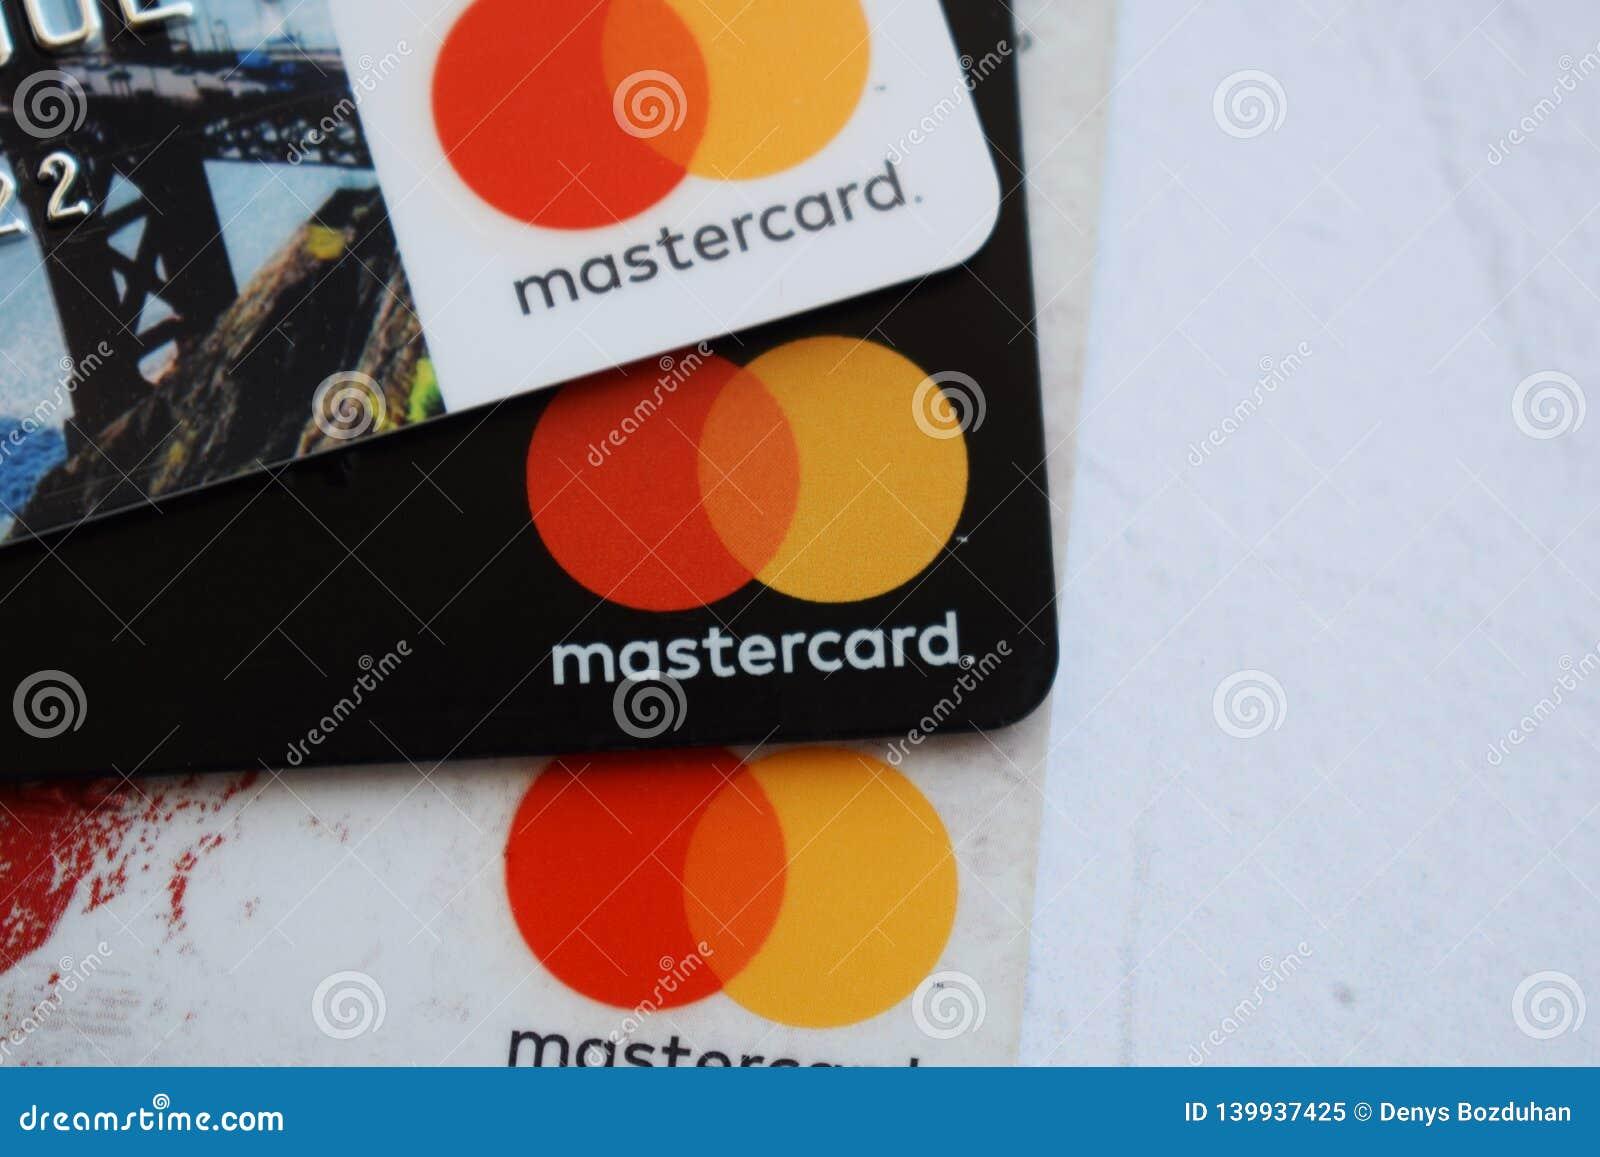 Ukraina Kremenchug - Februari, 2019: Slut för Mastercard kreditkorttecken upp